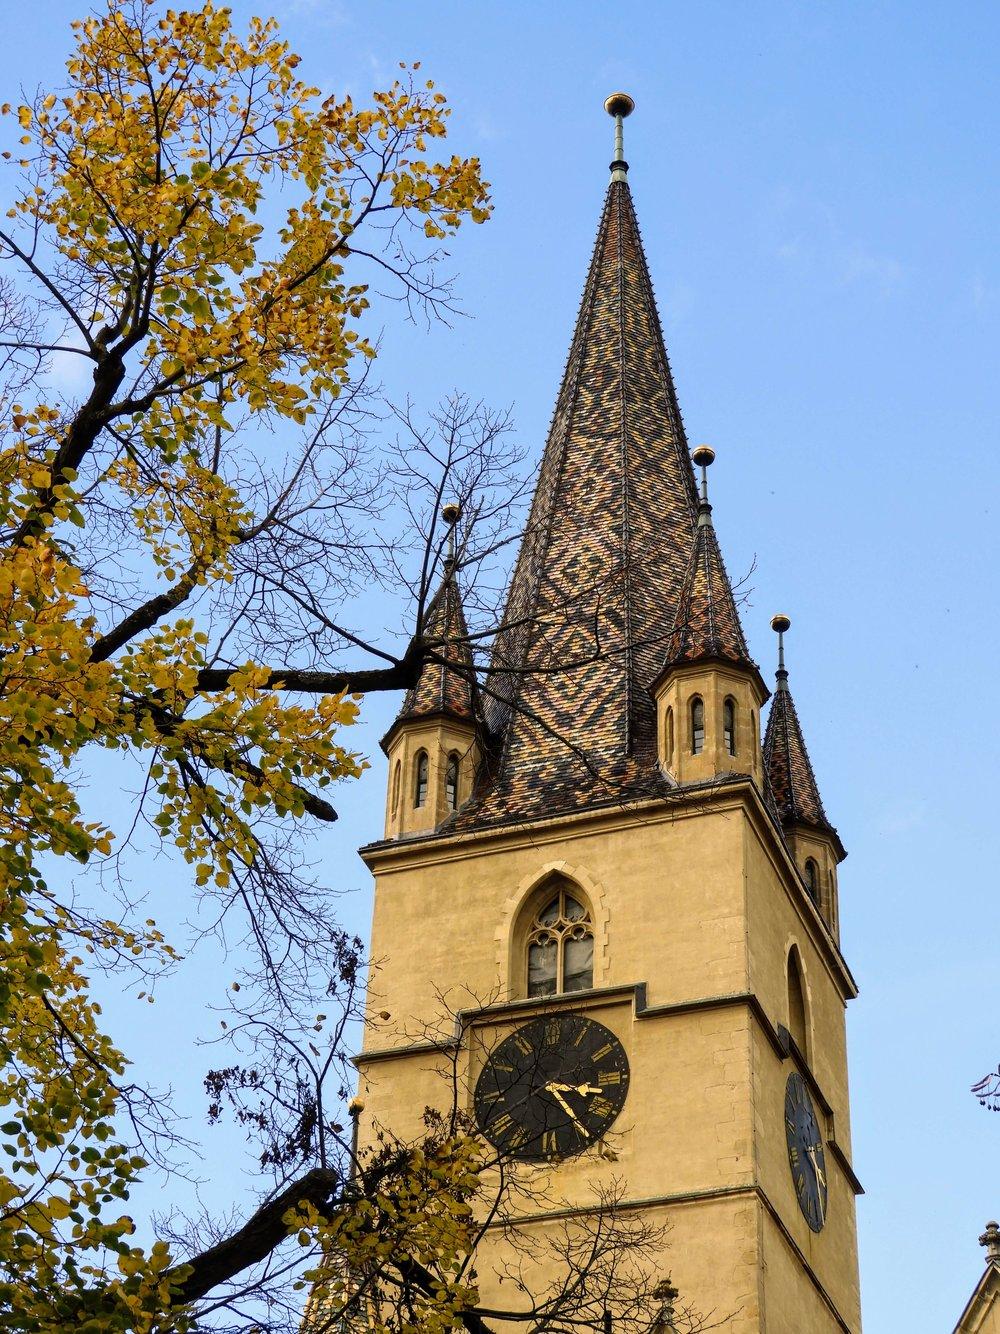 romania-sibiu-lutheran-cathedral-tower.JPG